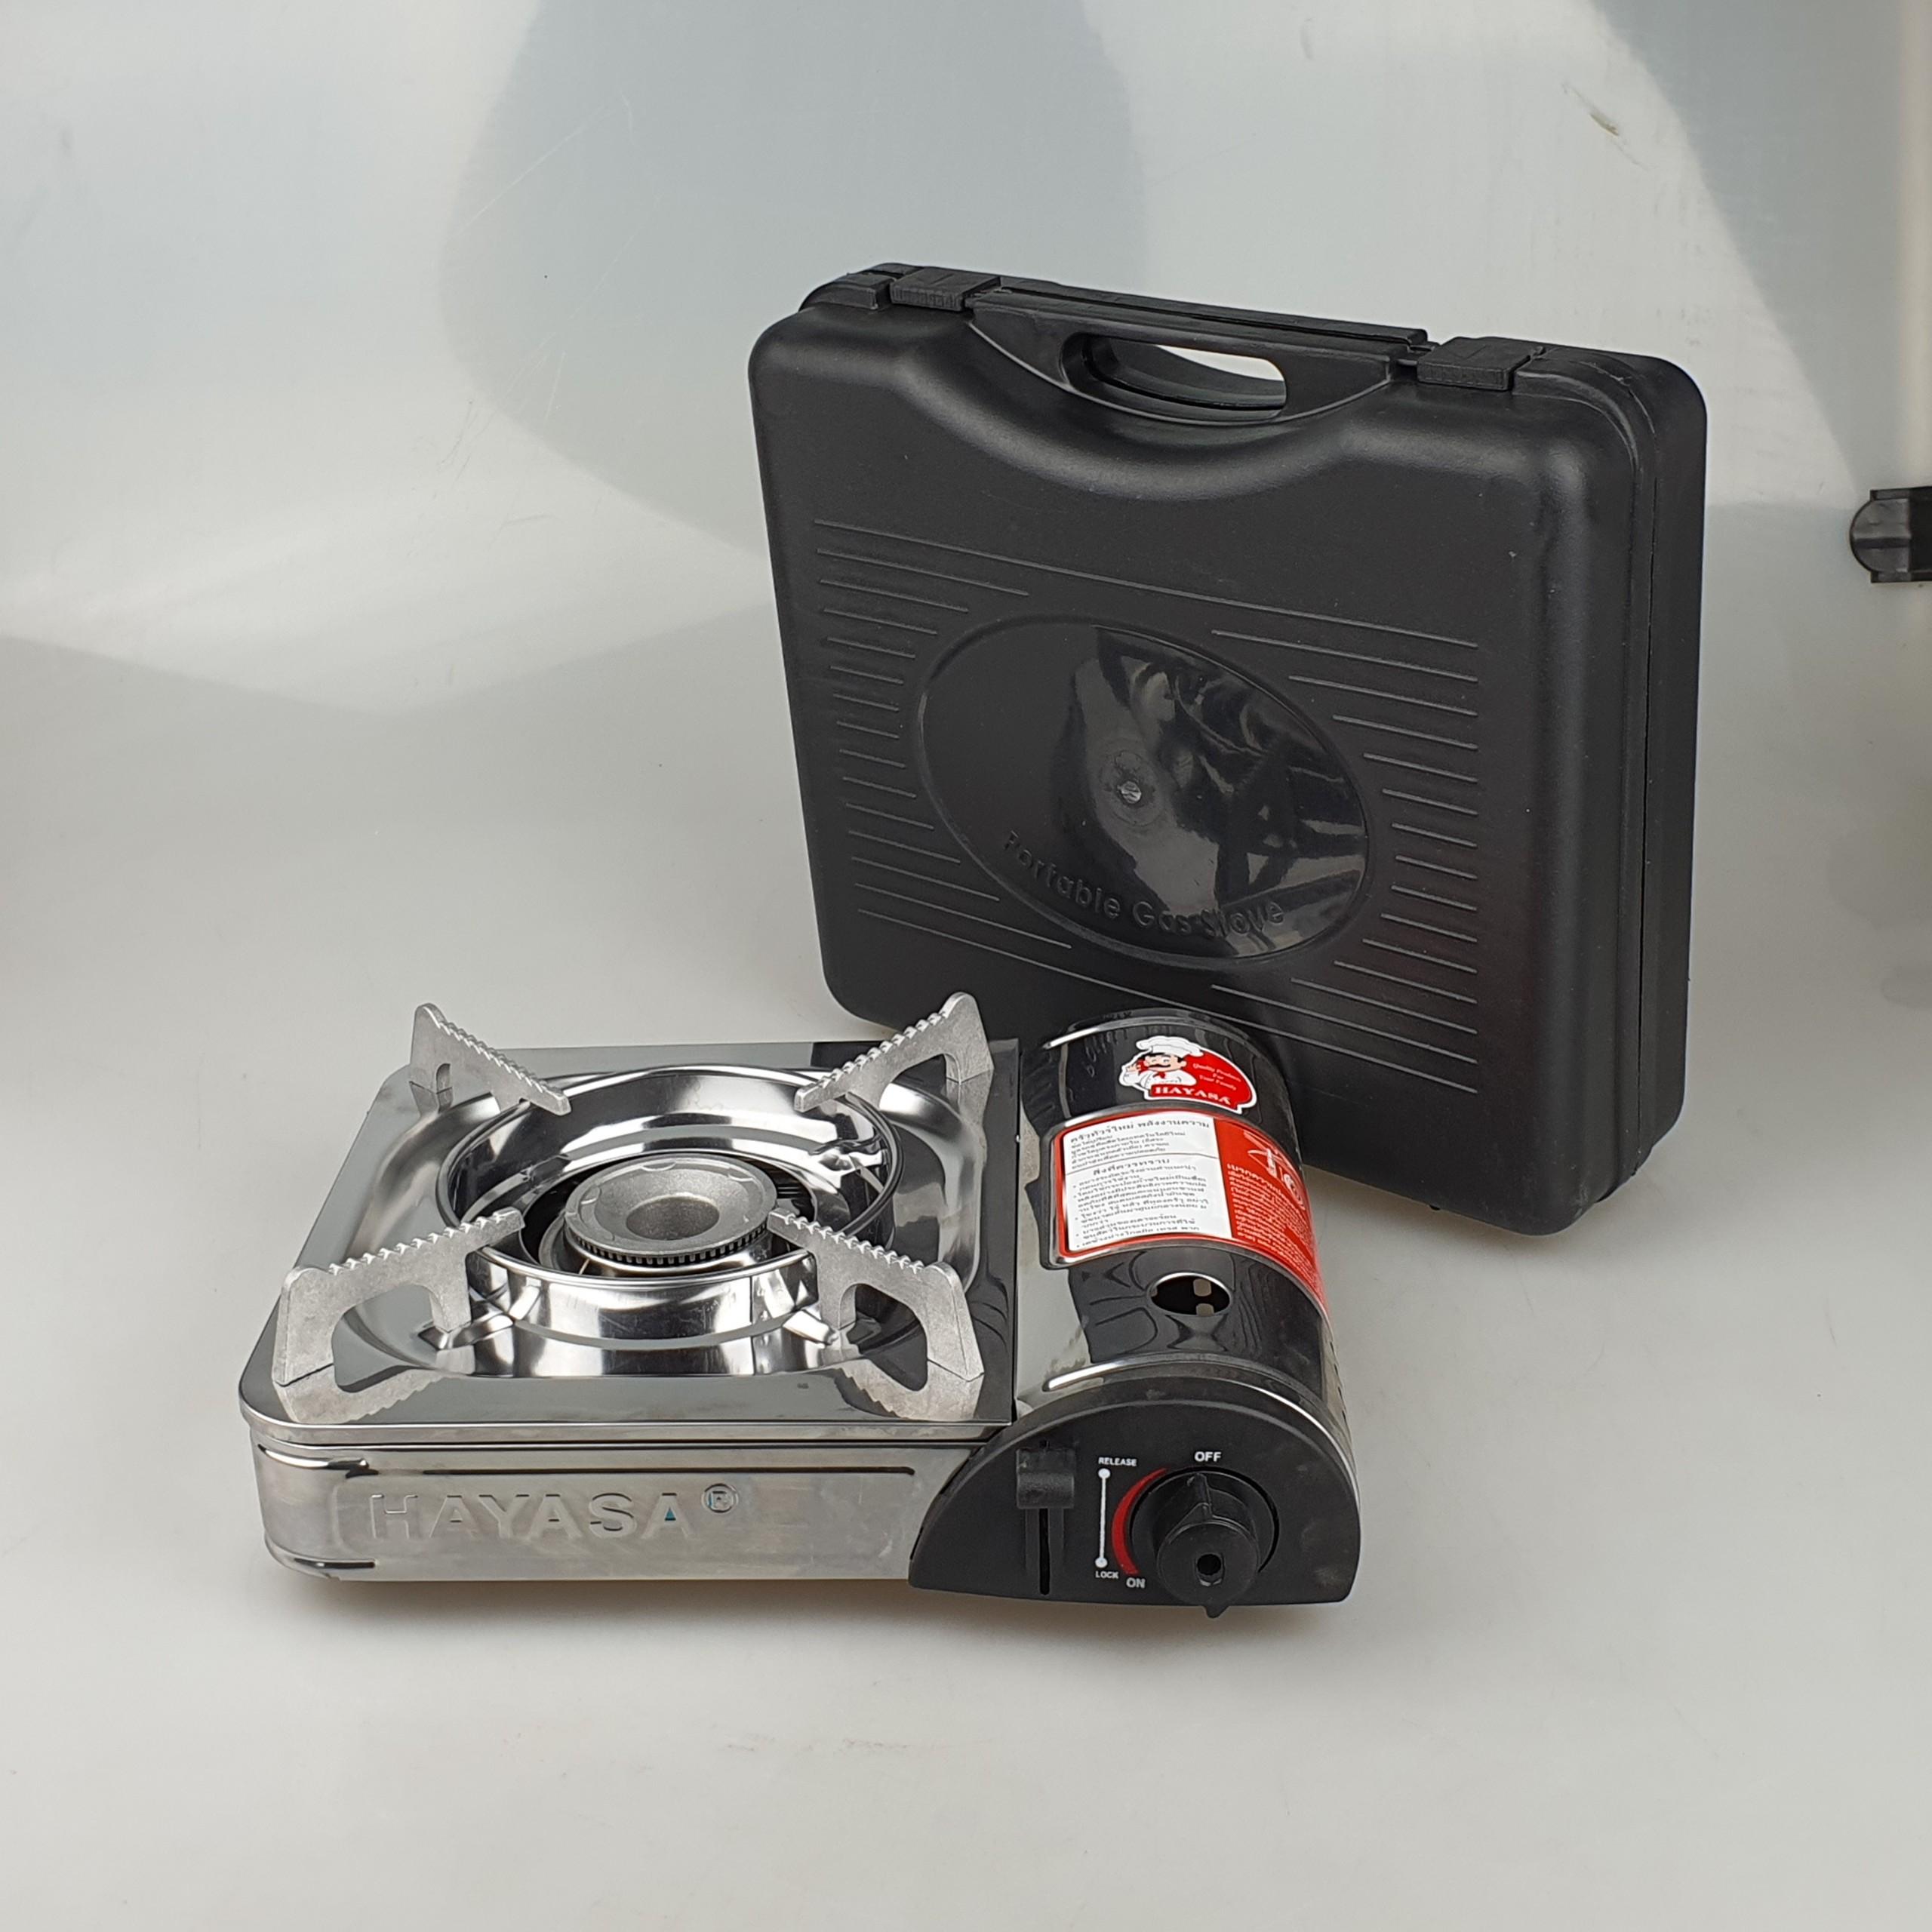 Bếp Ga Mini Inox,Bếp Ga Du Lịch Hayasa Ha-8103I Chất Liệu Inox Siêu Bền Có Hộp Đựng Cao Cấp-Hàng Chính Hãng